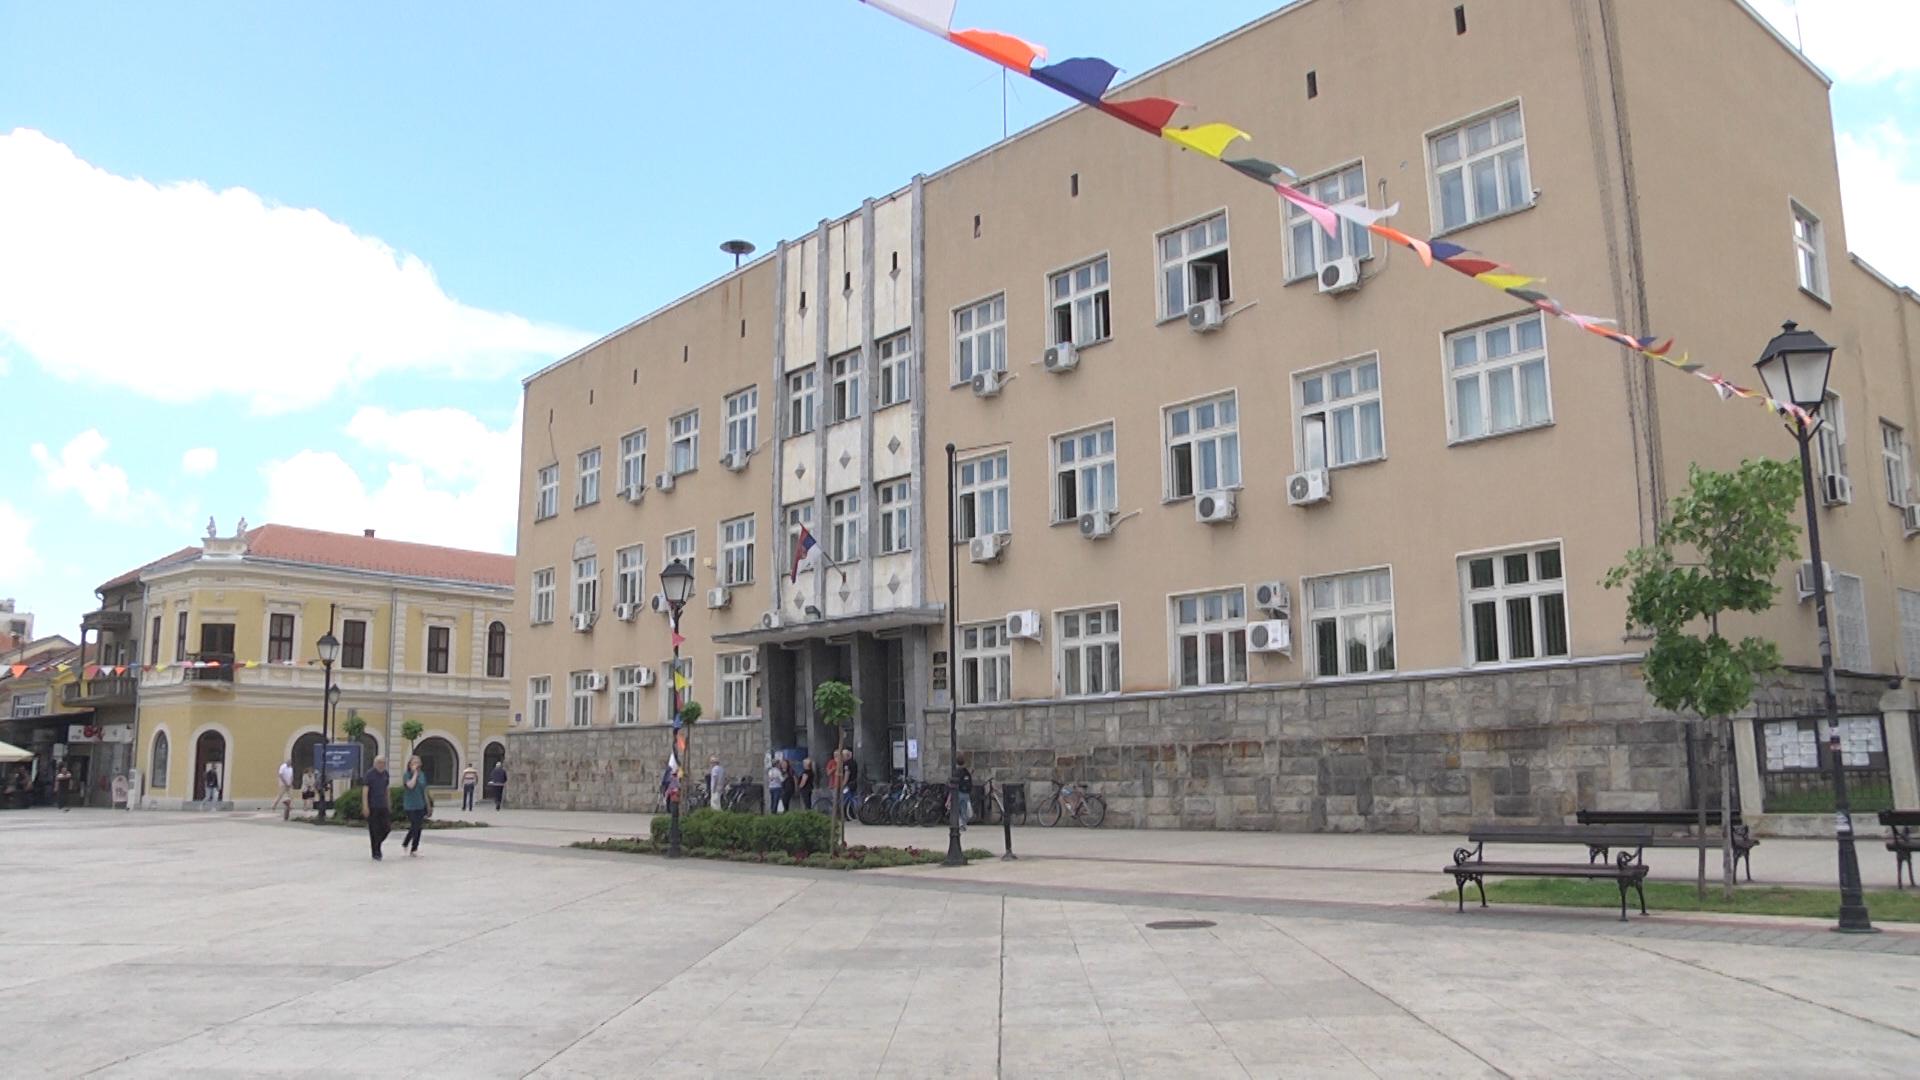 19. sednica SO Negotin zakazana za petak 13. septembar